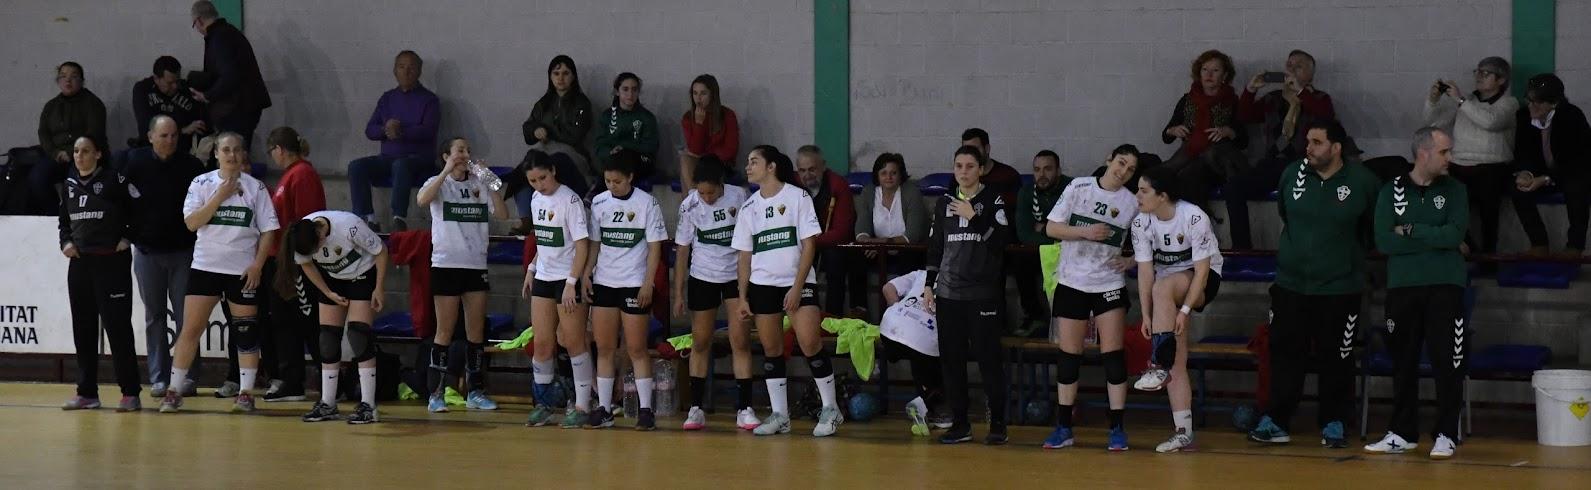 Calendario 2017-18 del Aula Valladolid DHF en Liga Loterías